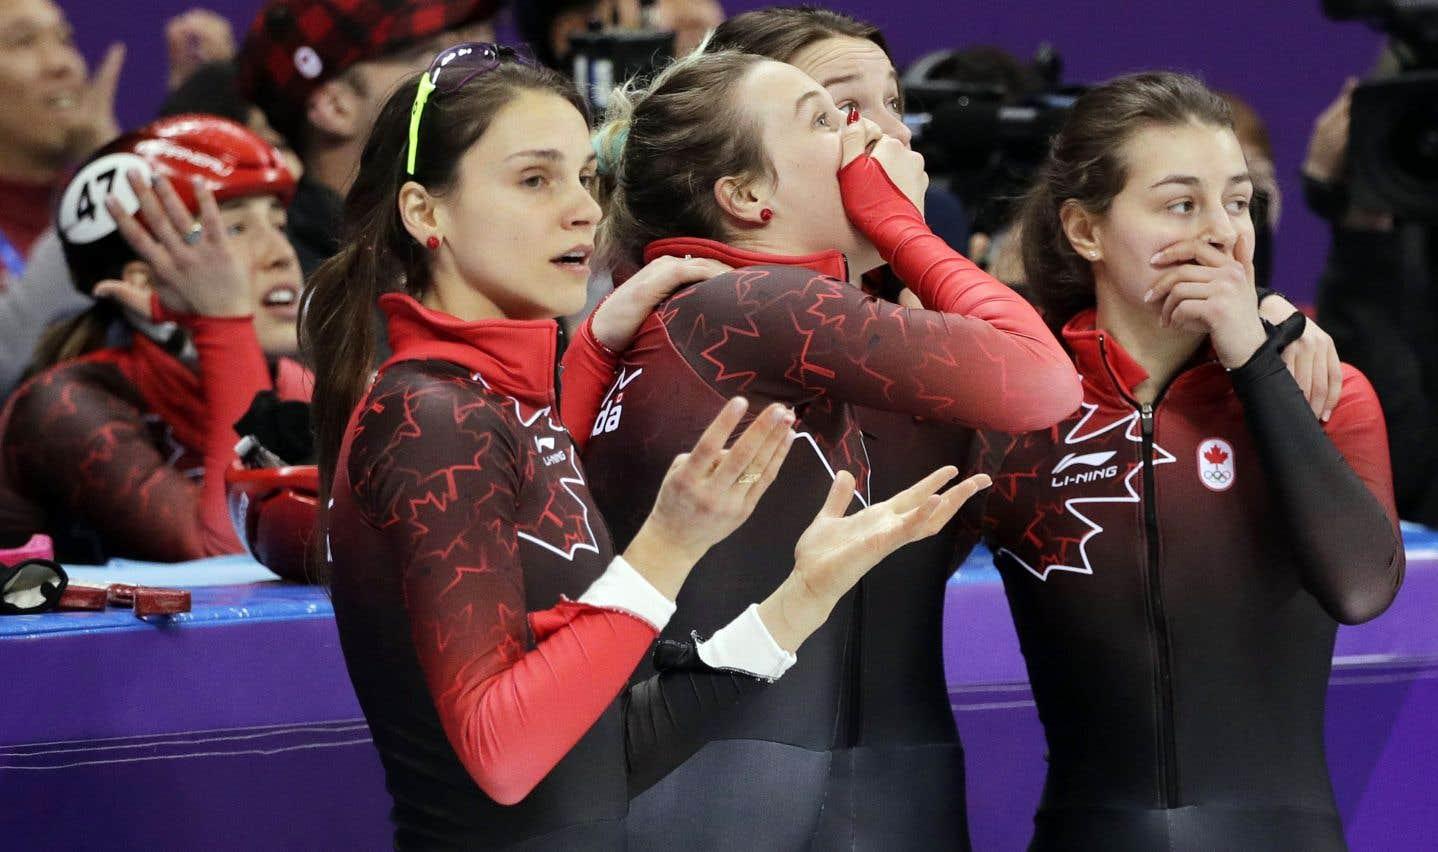 La décision des officiels a semé la consternation et l'incompréhension chez les patineuses canadiennes.